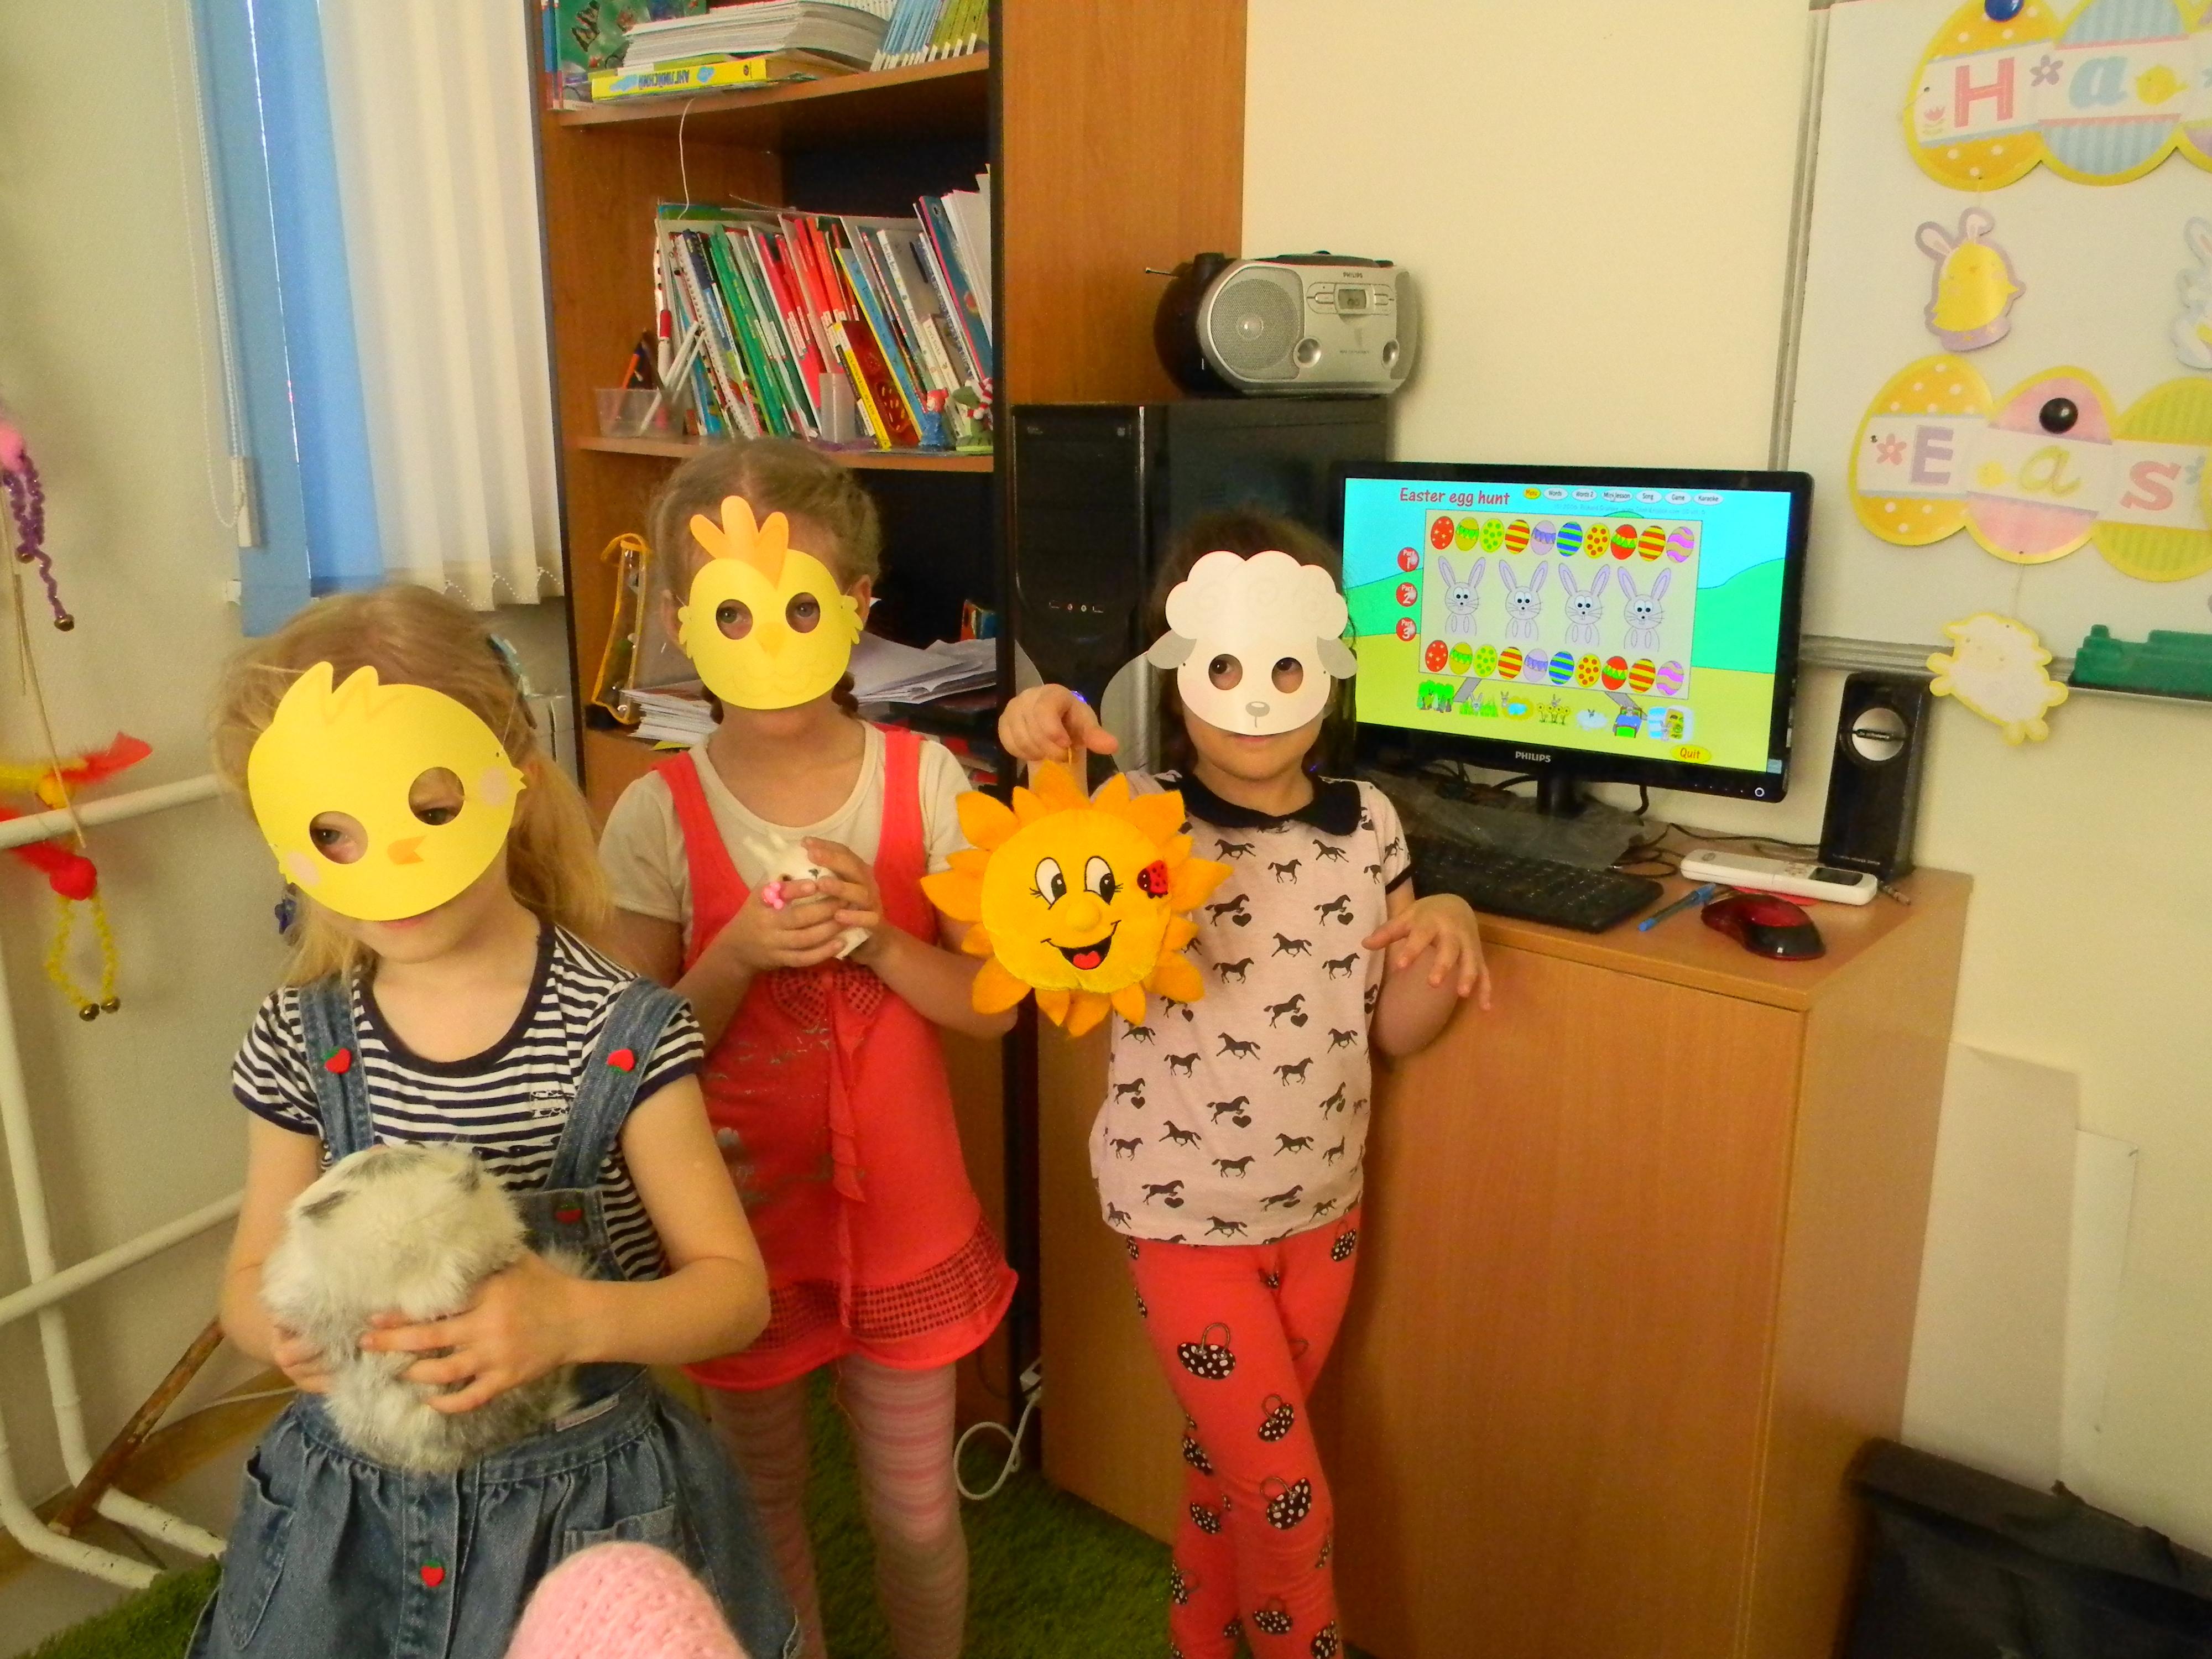 обучая языку мы знакомим детей